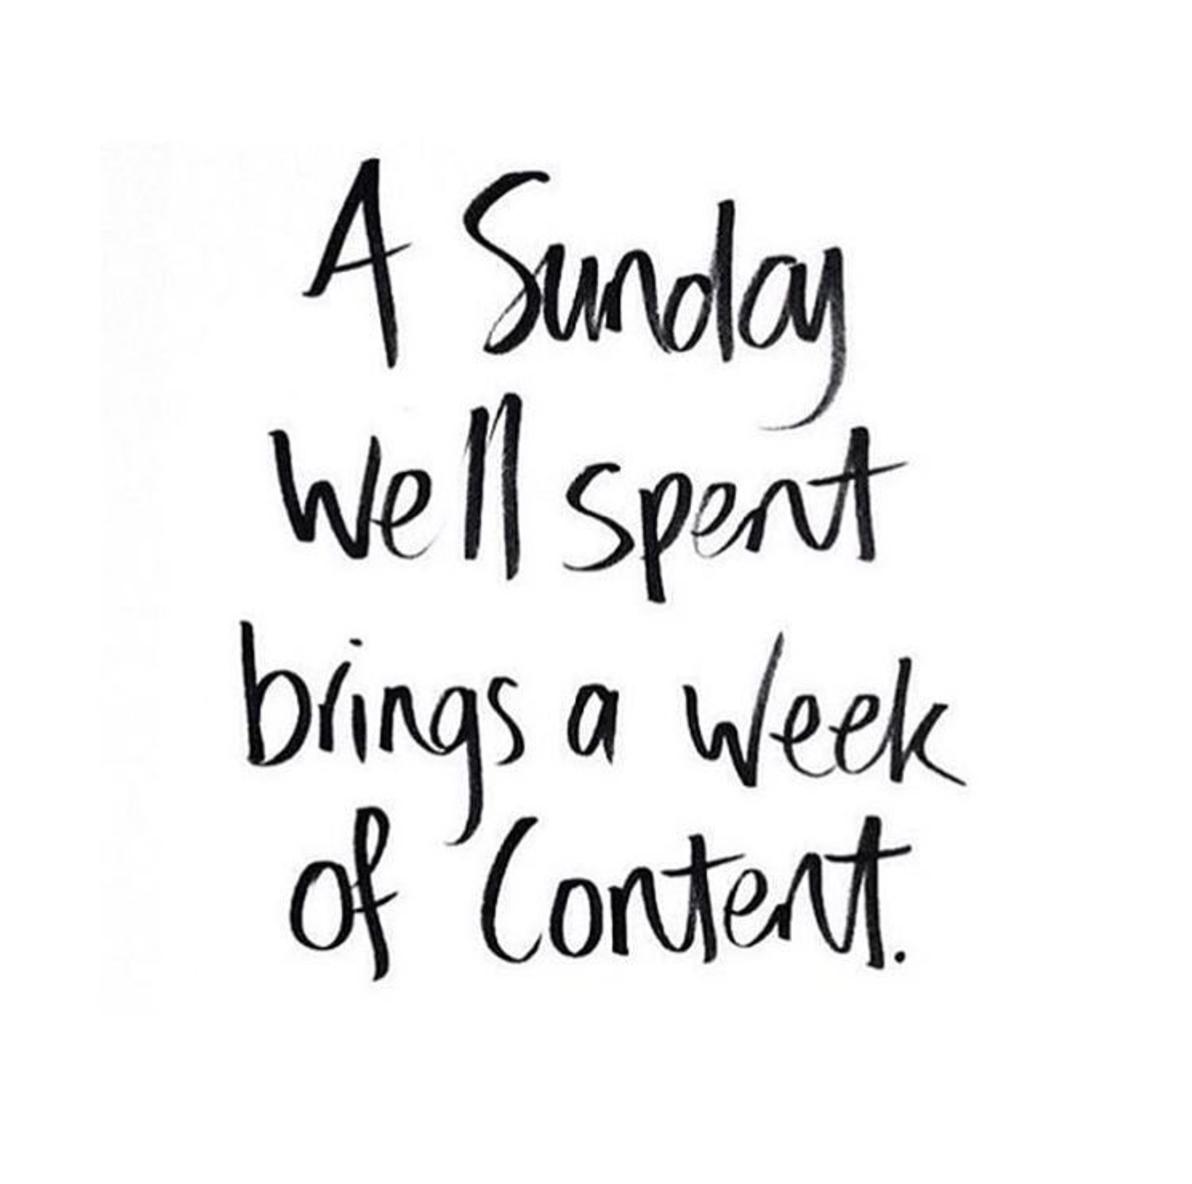 Sunday Quotes Images Yoga Yogainspiration  Yoga Quotes  Pinterest  Yoga Sunday